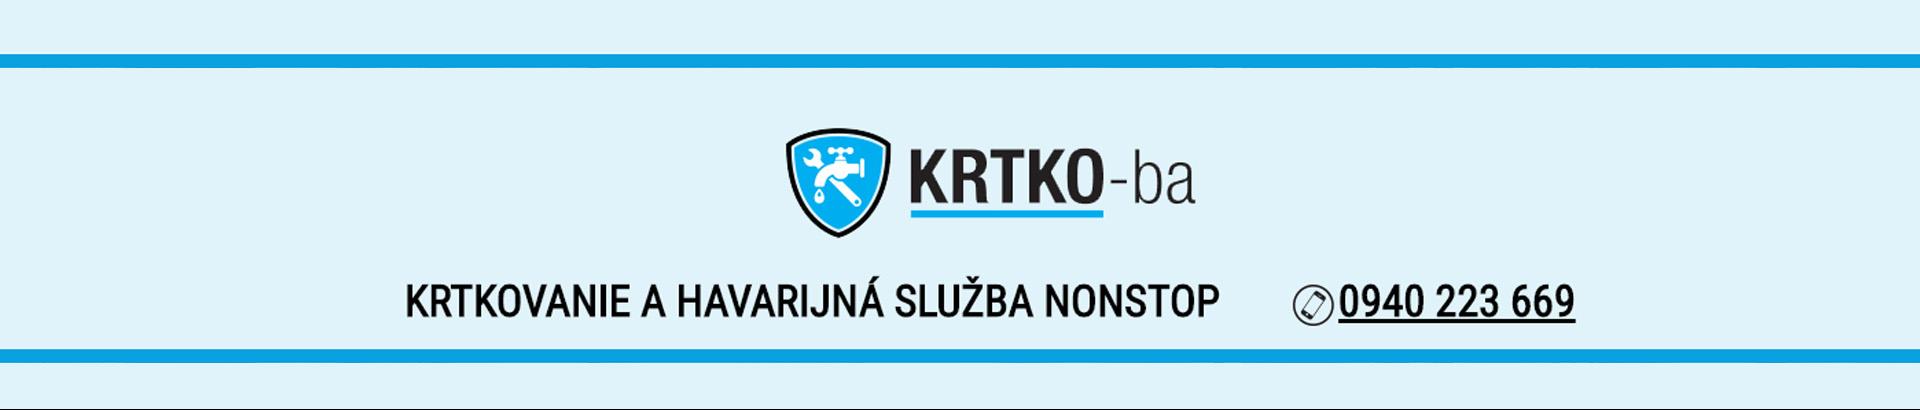 http://www.krtko-ba.sk